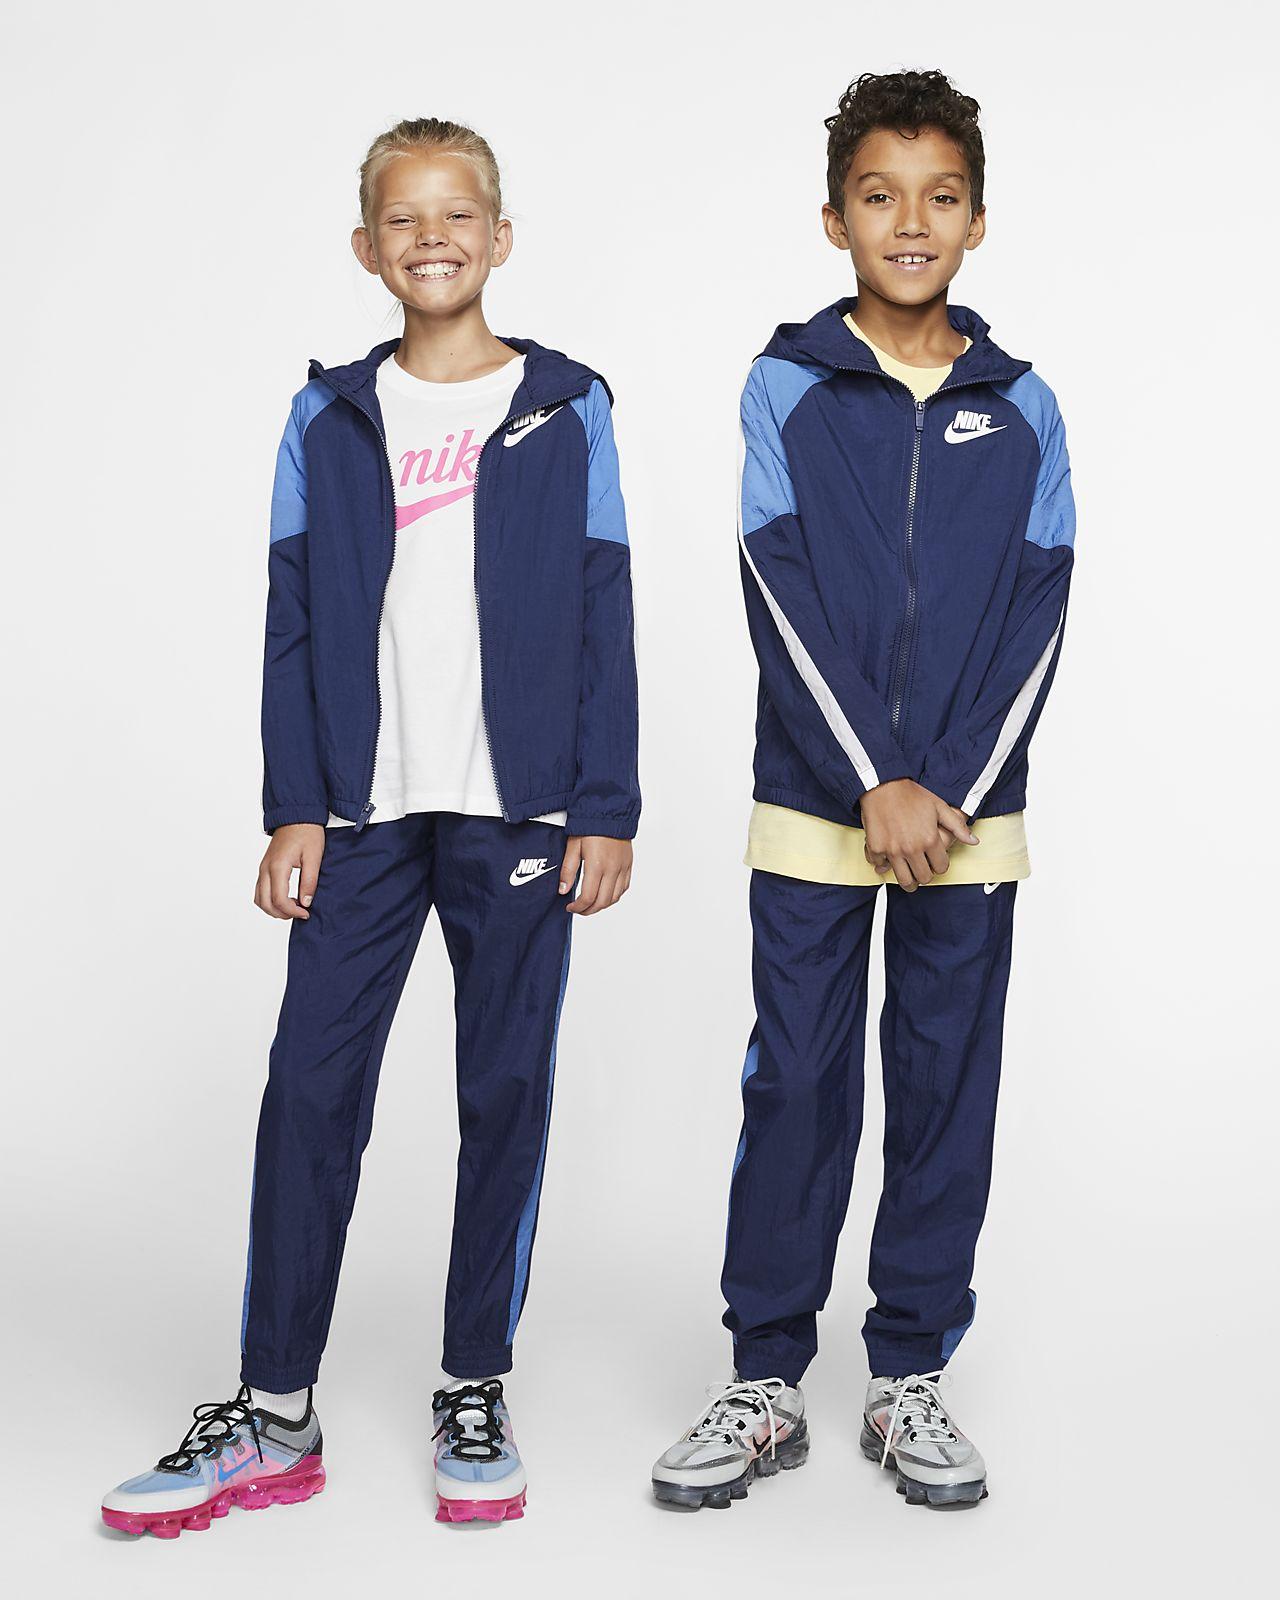 Tkaná tepláková souprava Nike Sportswear pro větší děti (chlapce)